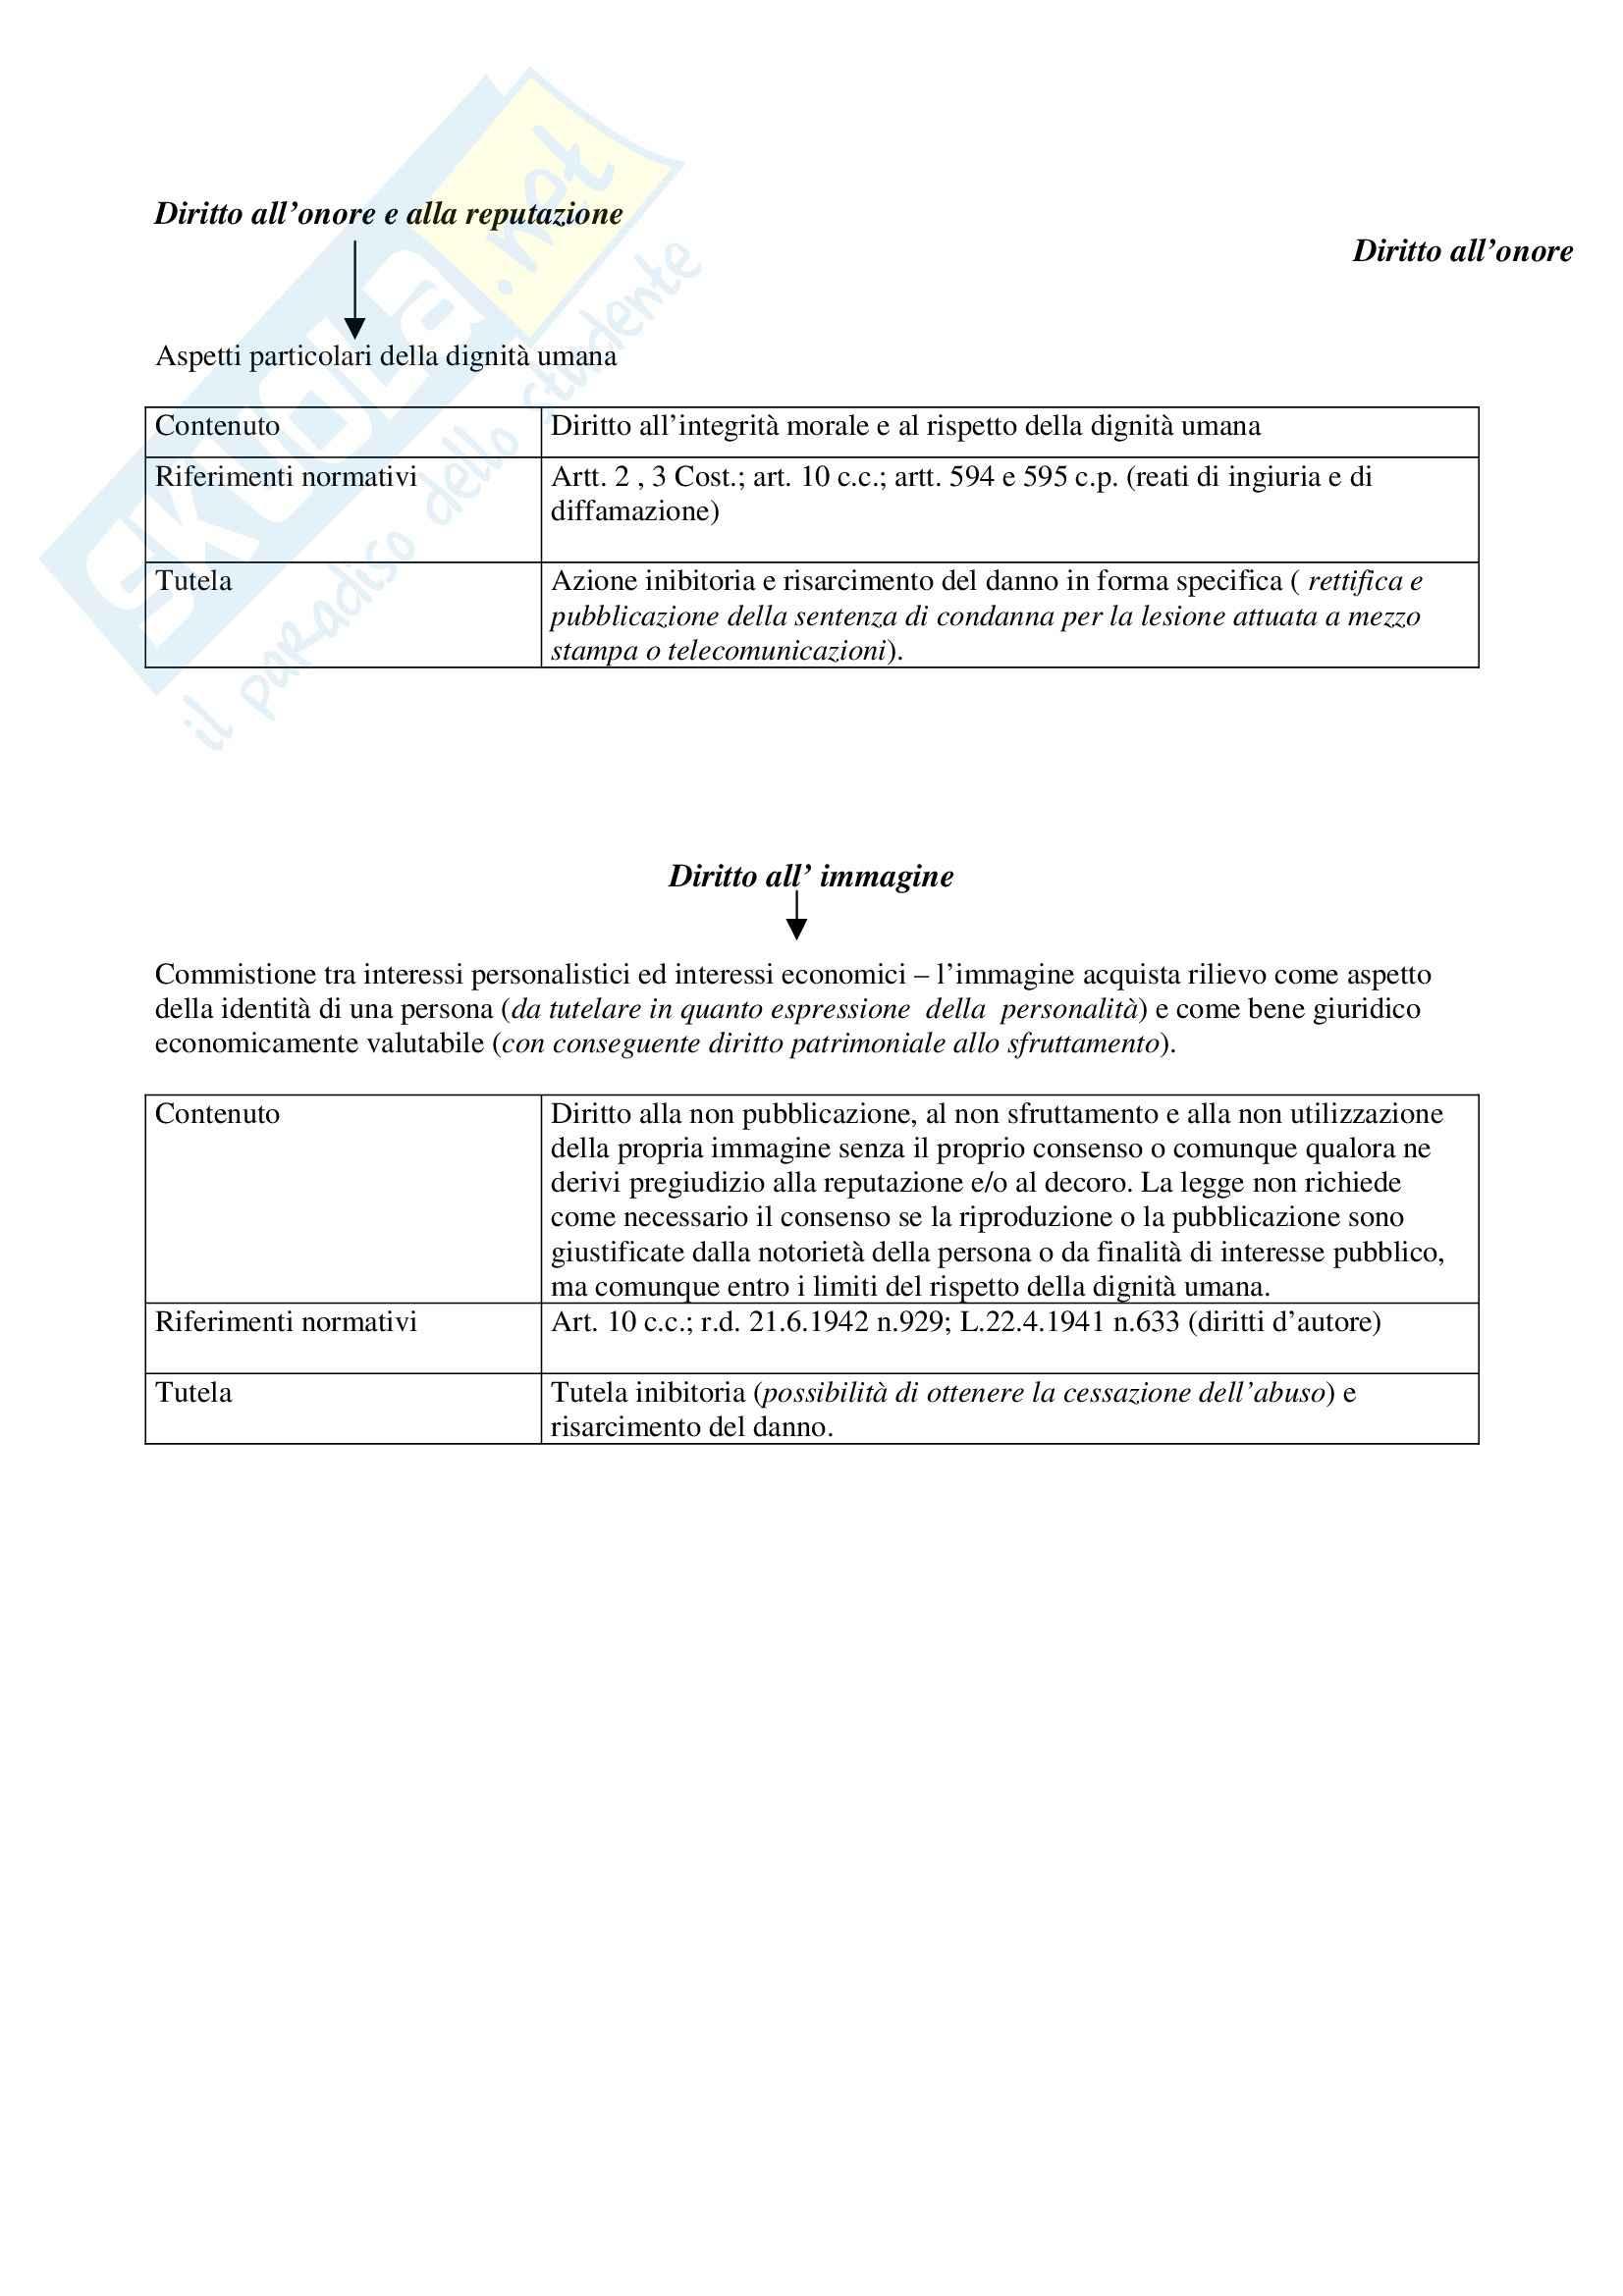 Manuale di diritto civile, Perlingieri - Schemi Pag. 26